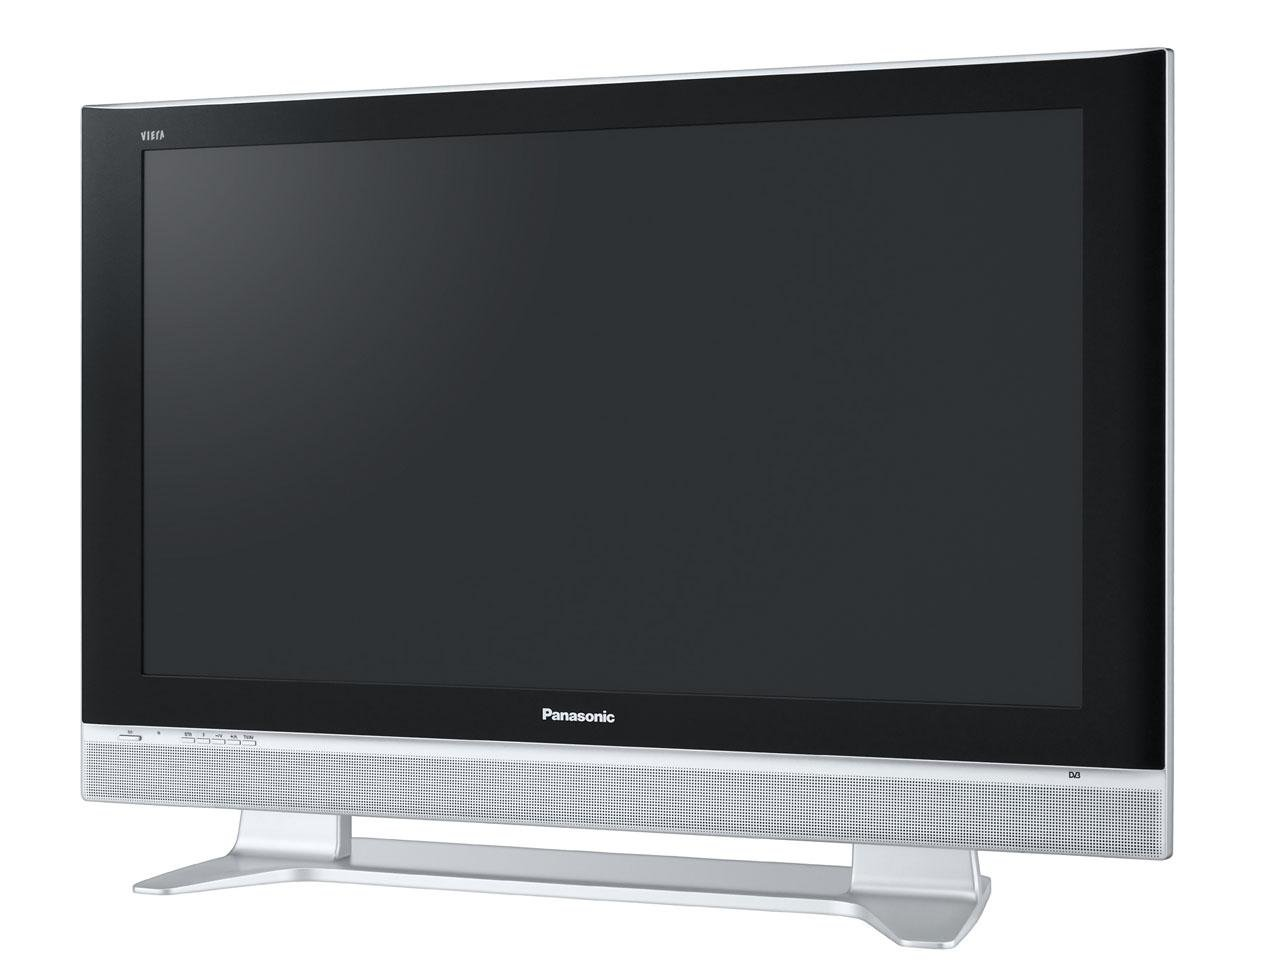 Panasonic TH-42PD60E- Televisión, Pantalla 42 pulgadas: Amazon.es ...